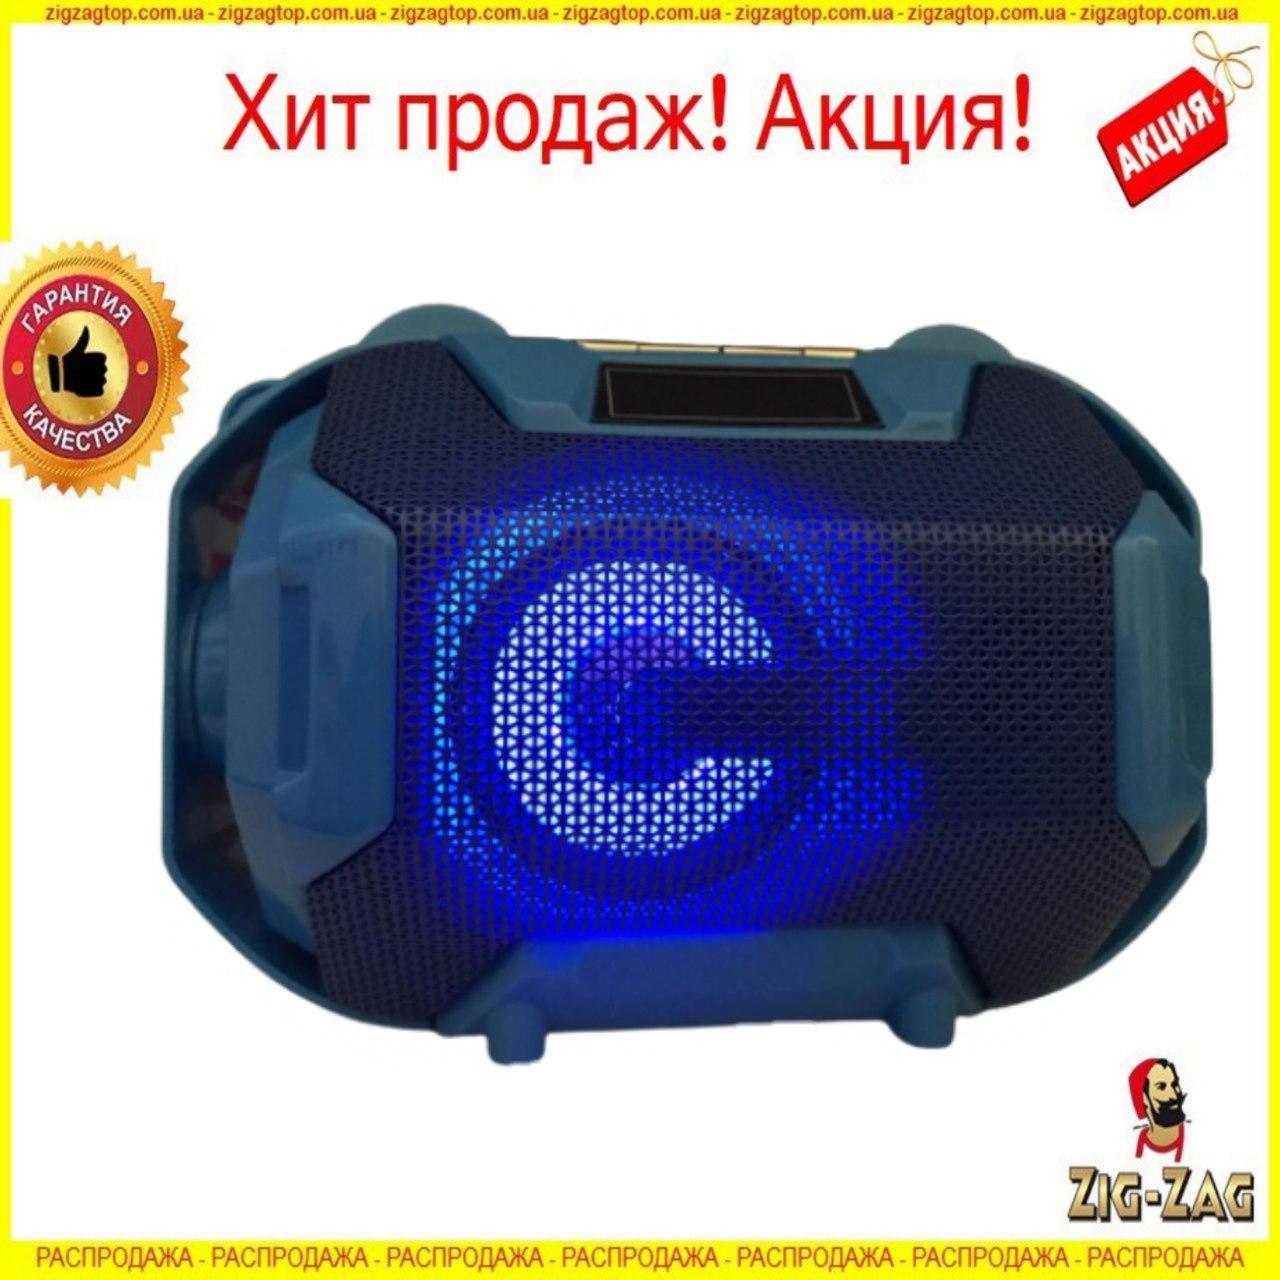 Портативна колонка Bluetooth GOLON RX S300BTD з ЛІХТАРИКОМ Блютуз Акумуляторна Голон Акустика FM Радіо ФМ